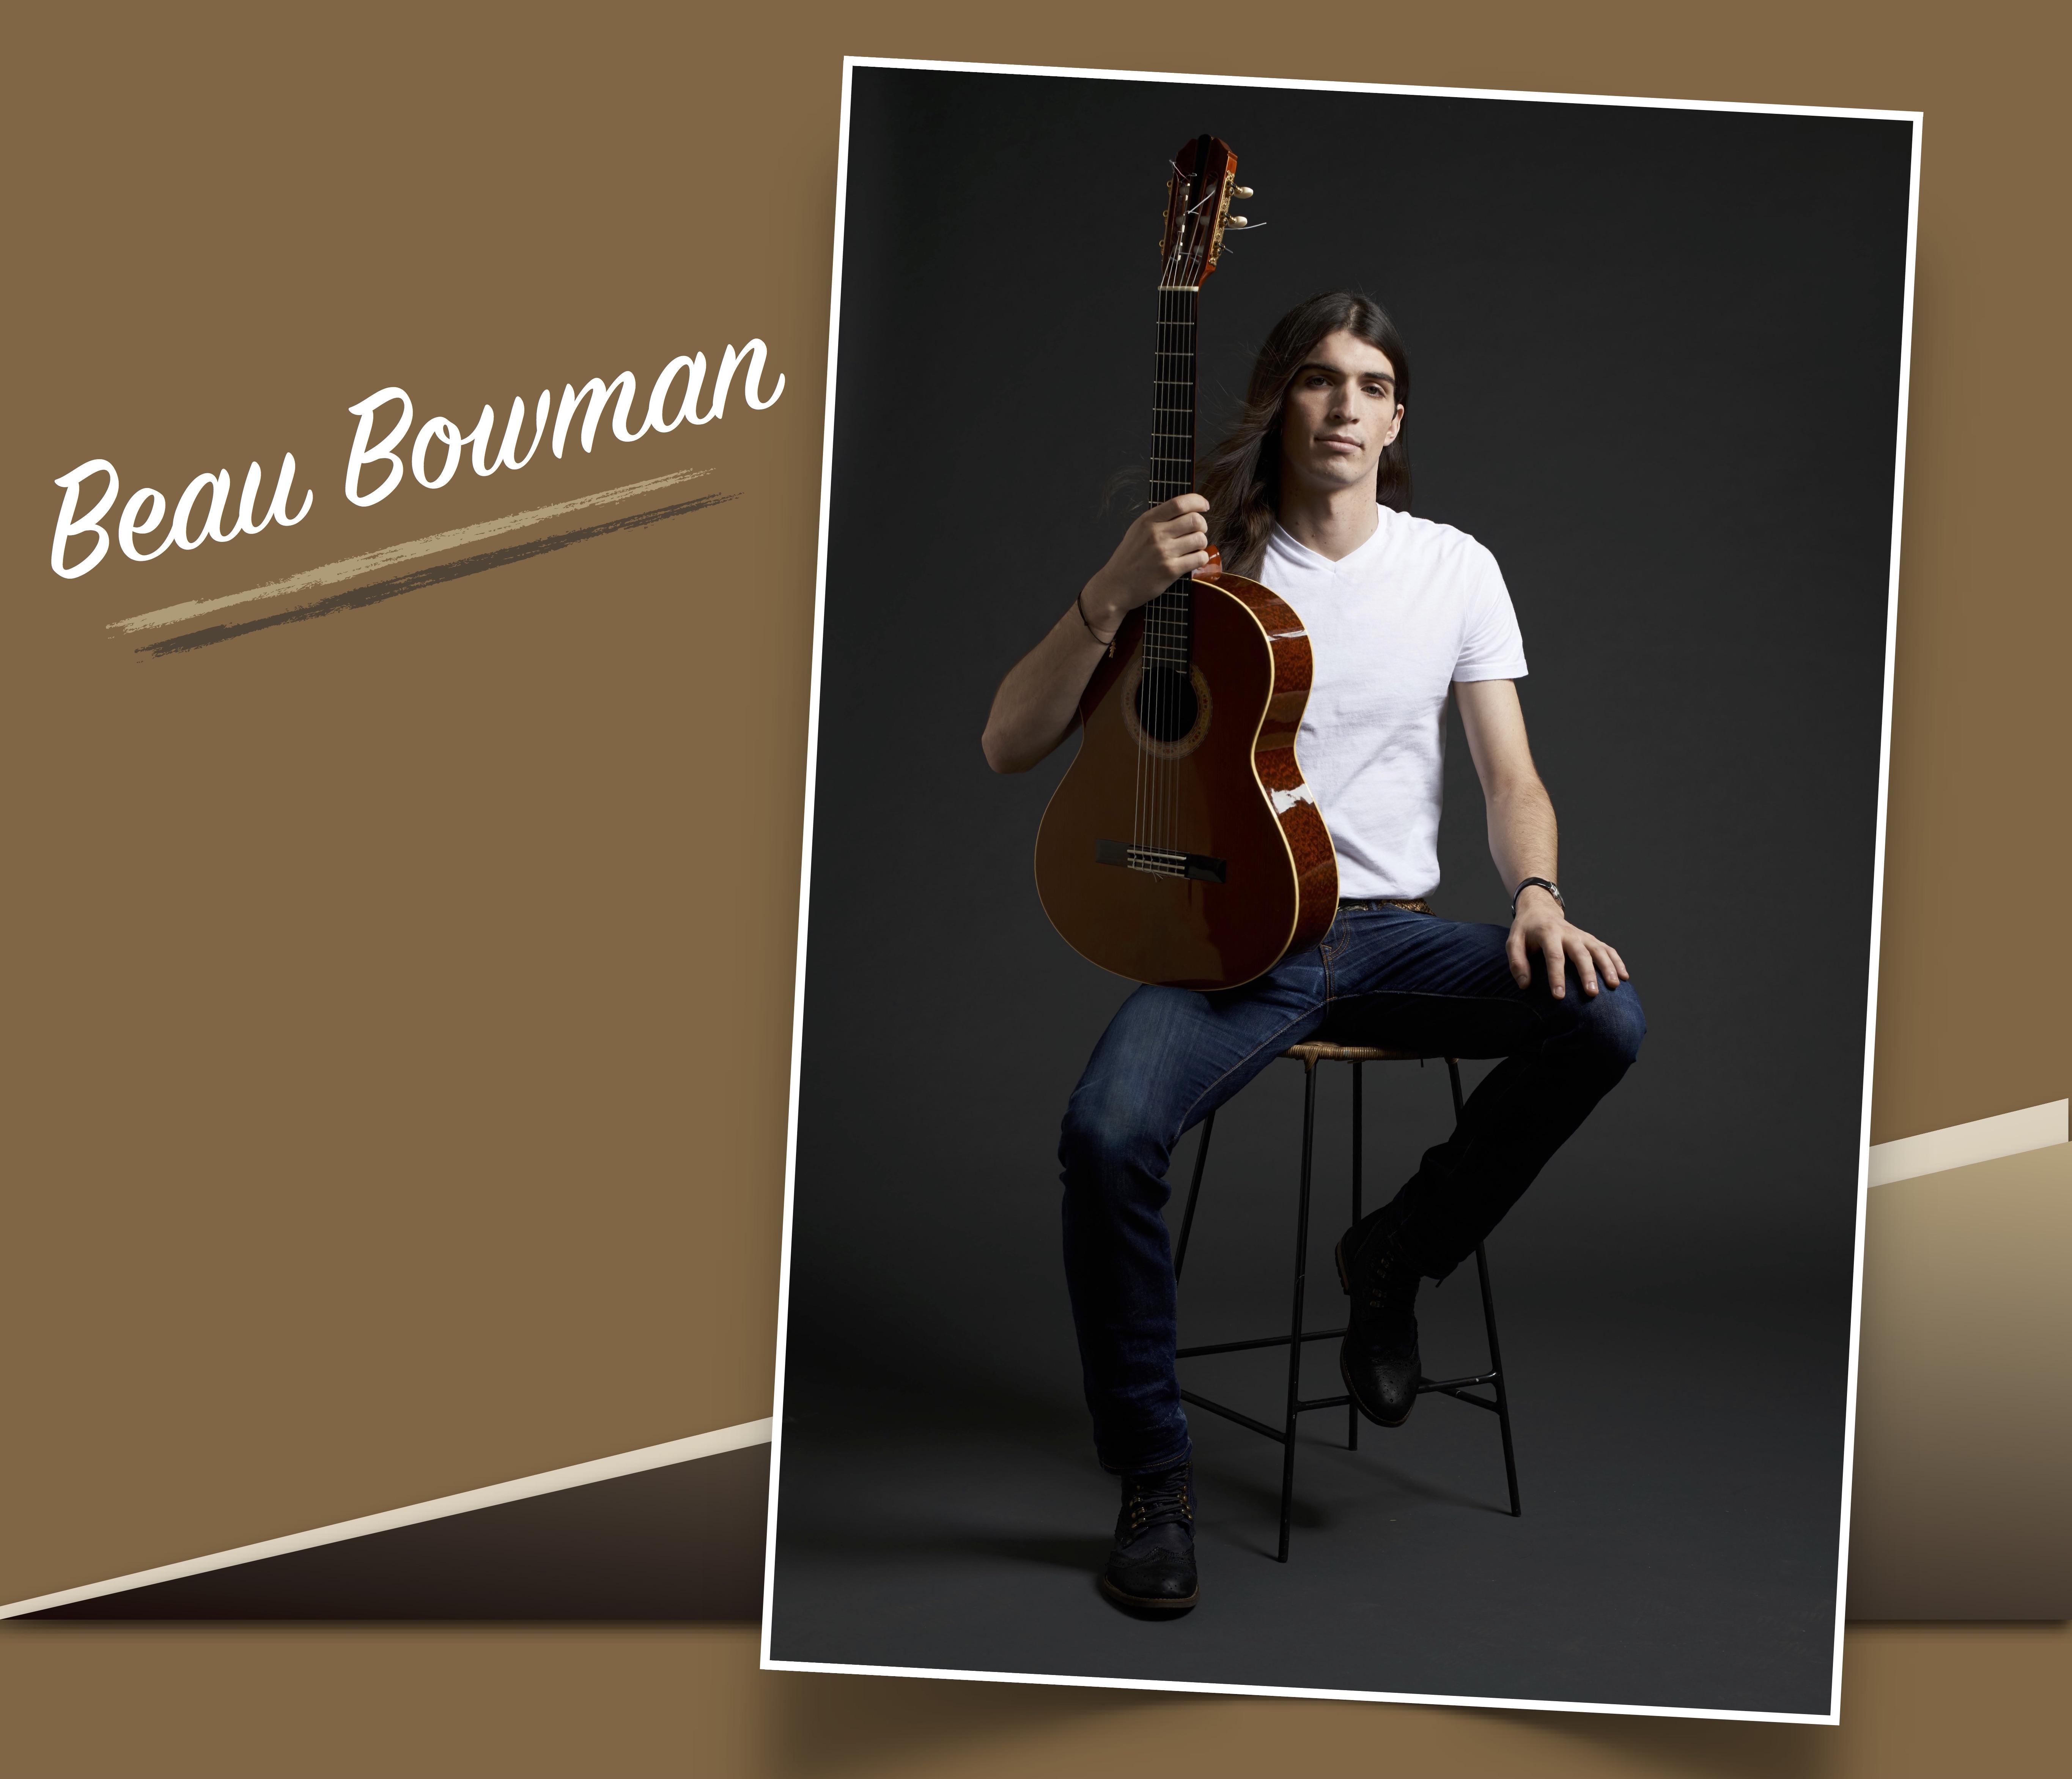 beau-bowman-2